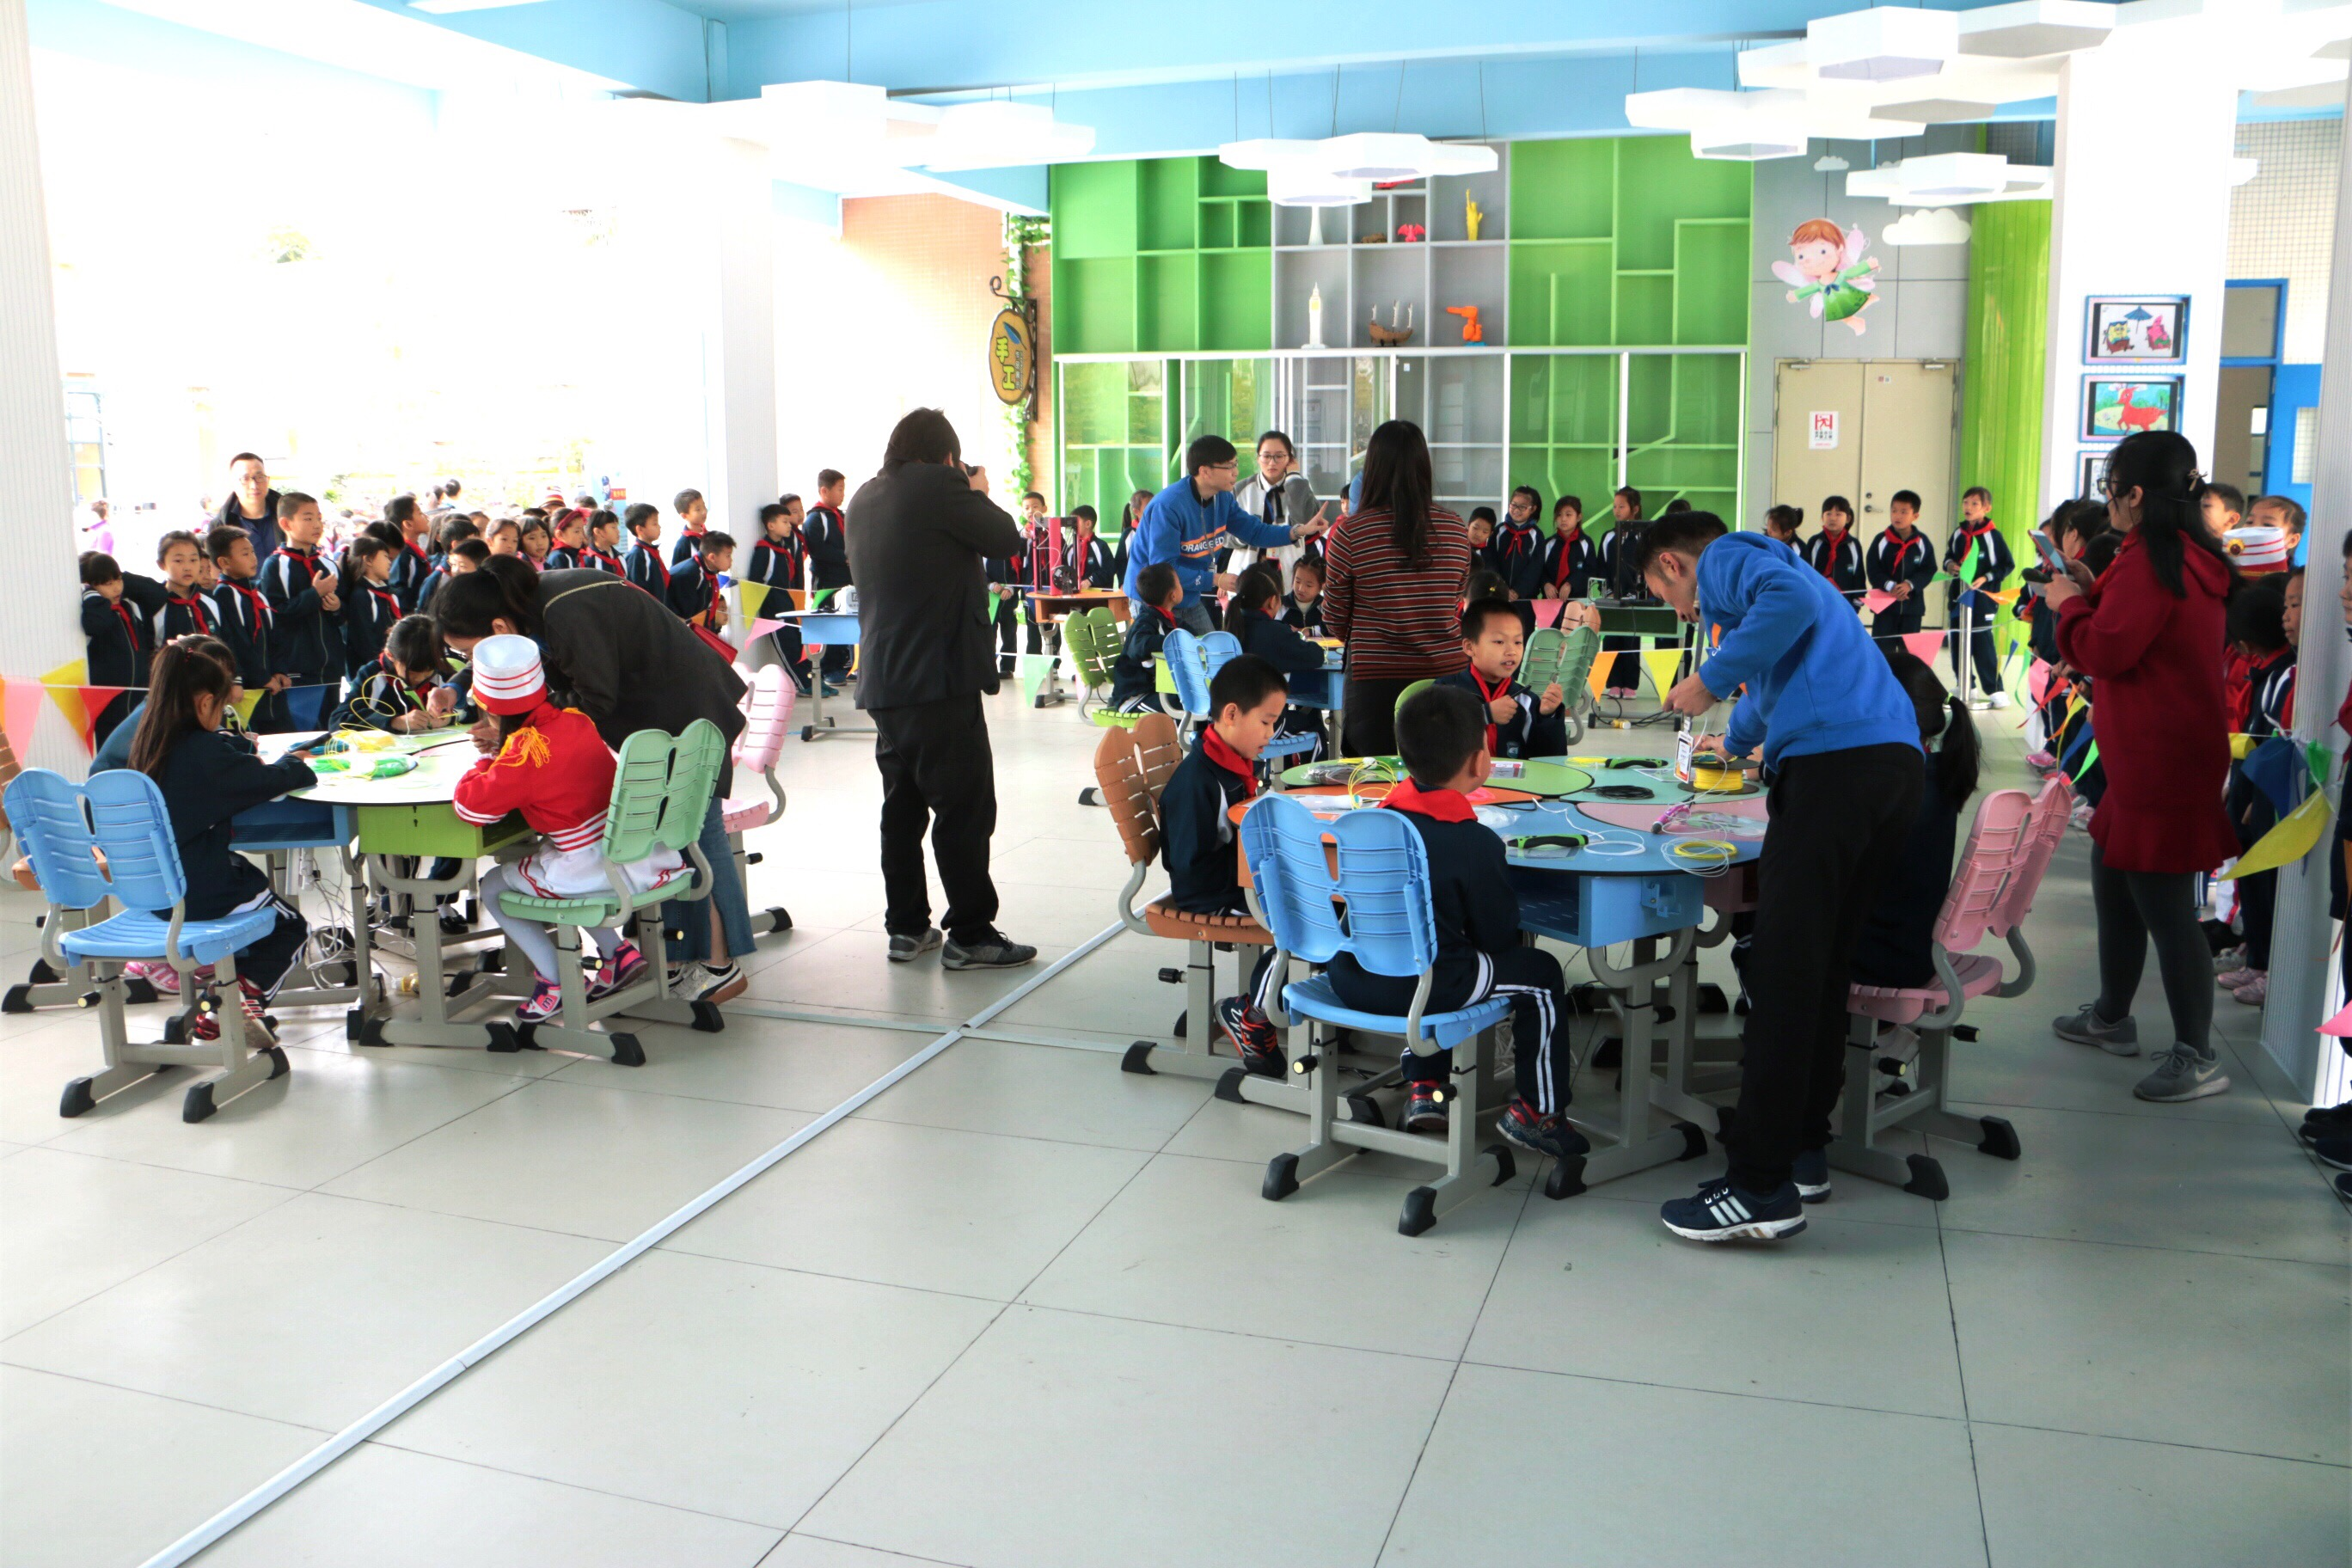 天鵝灣小學